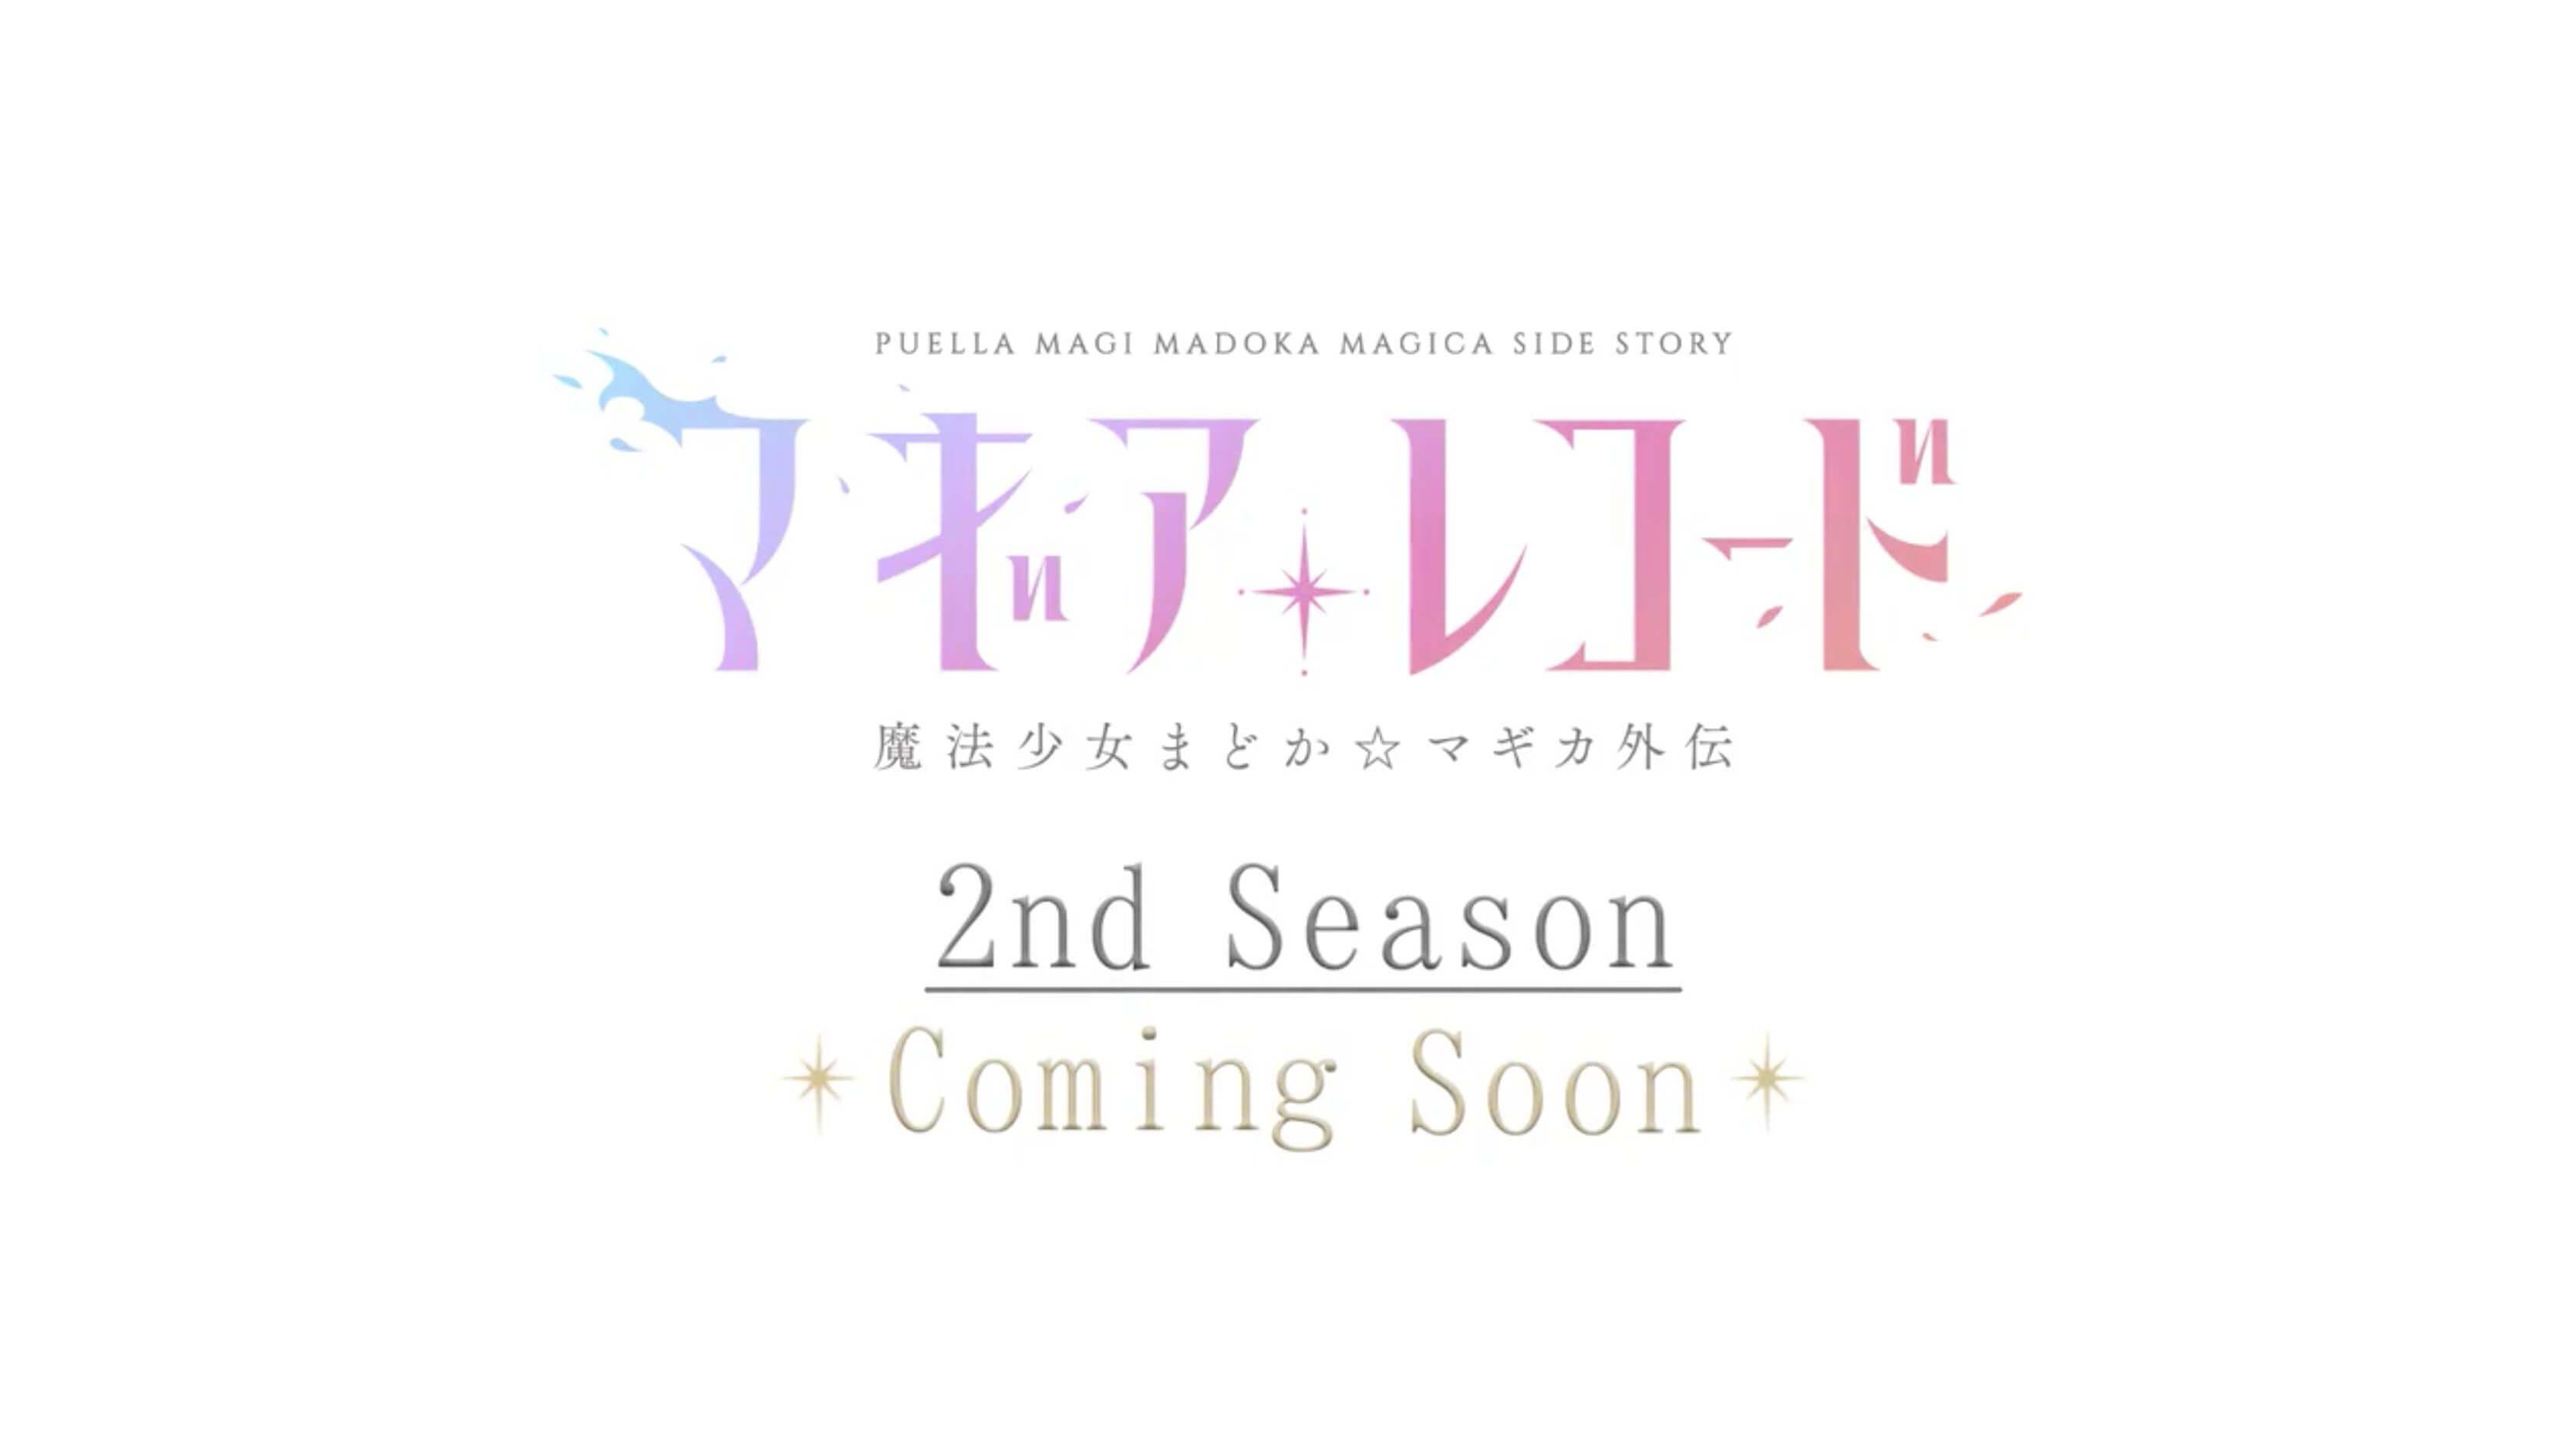 《魔法纪录:魔法少女小圆外传》第二季动画